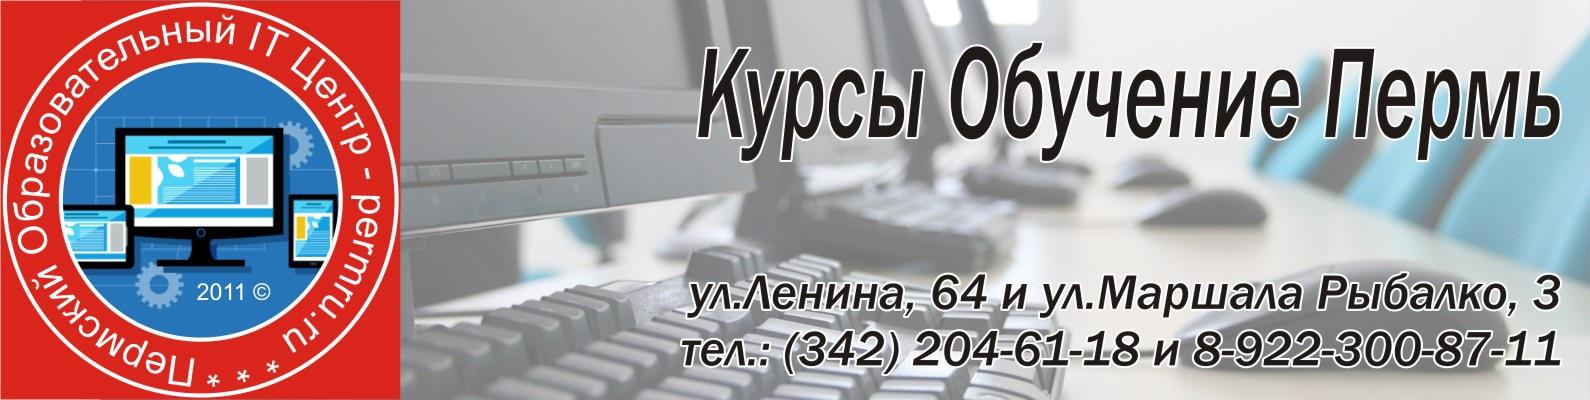 Курсы ВЕБ дизайн Пермь Обучение SEO продвижение ВКонтакте